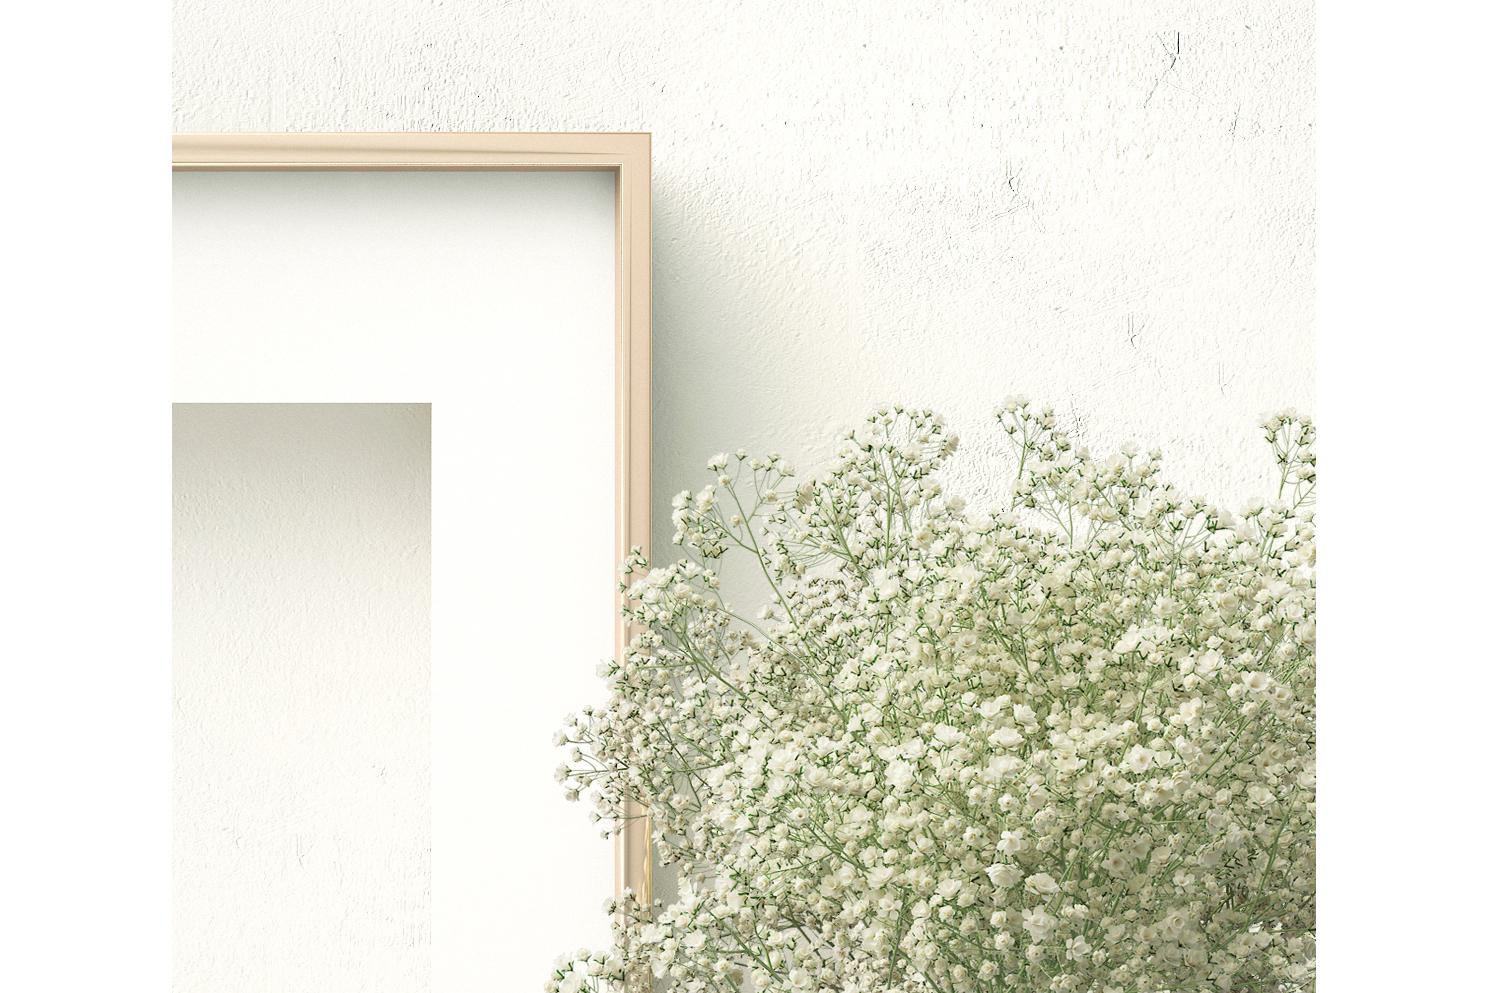 Styled Stock Photography, Frame Mockup,  example image 2